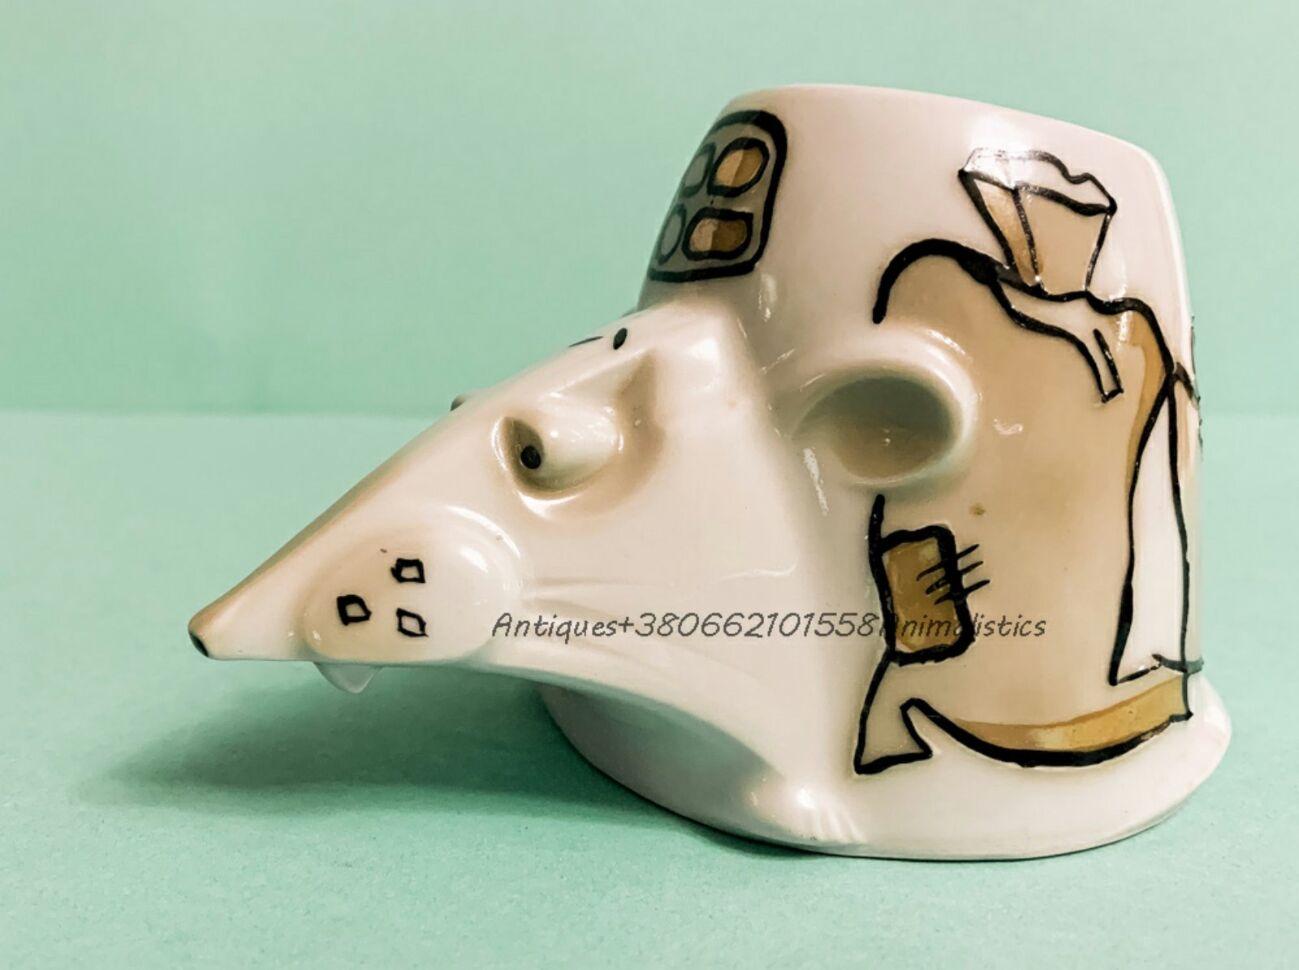 Фарфоровая статуэтка фарфор Крыса карандашница Бориславский фарфоровый